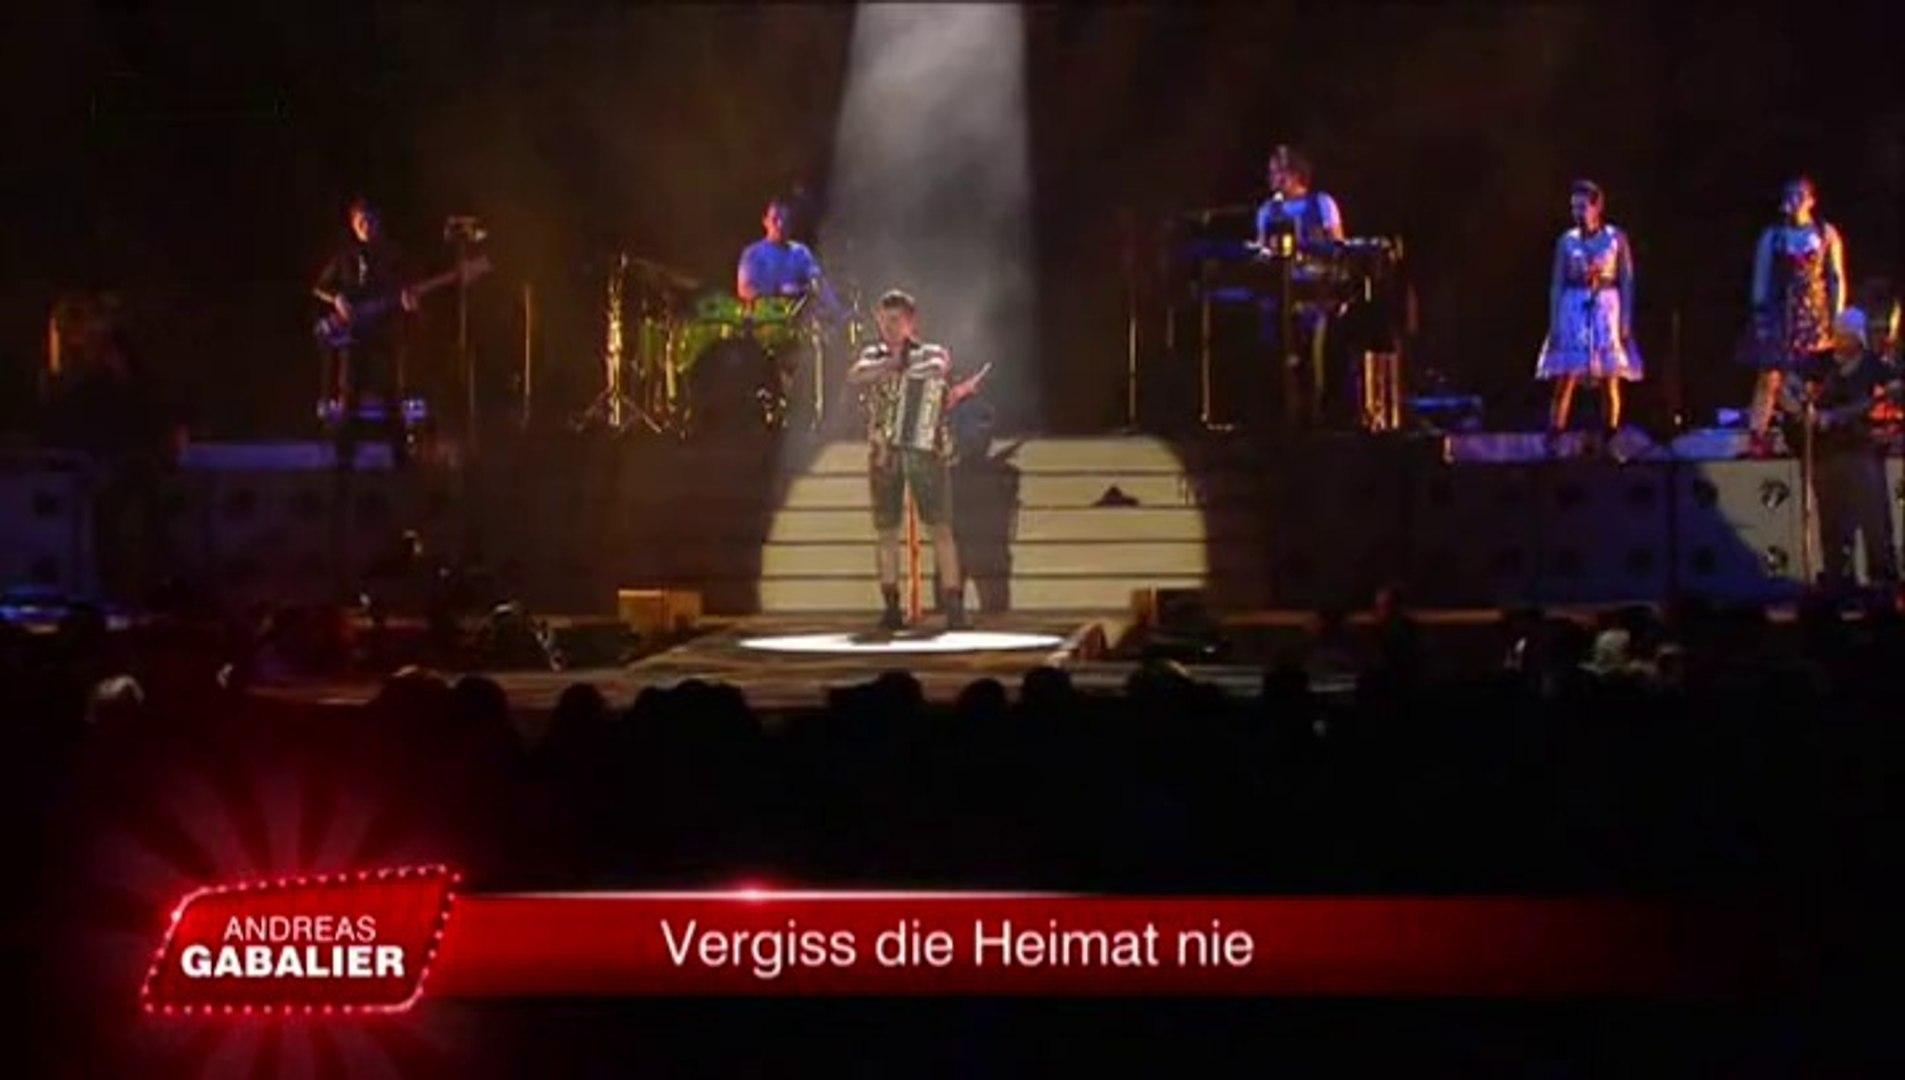 Andreas Gabalier Vergiss Die Heimat Nie 2015 Video Dailymotion